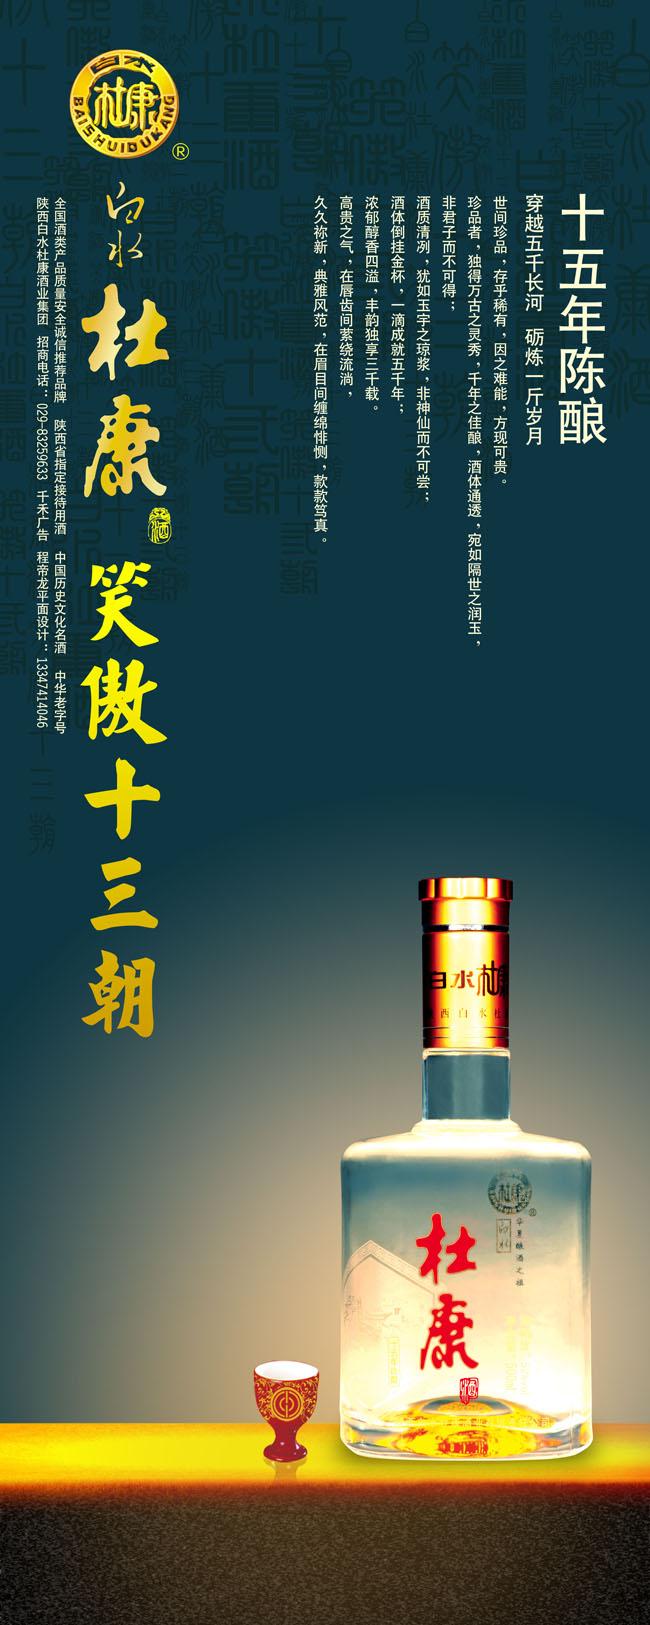 老杜康酒店展板广告psd素材  关键字: 十五年陈酿白水杜康酒业酒冲瓶